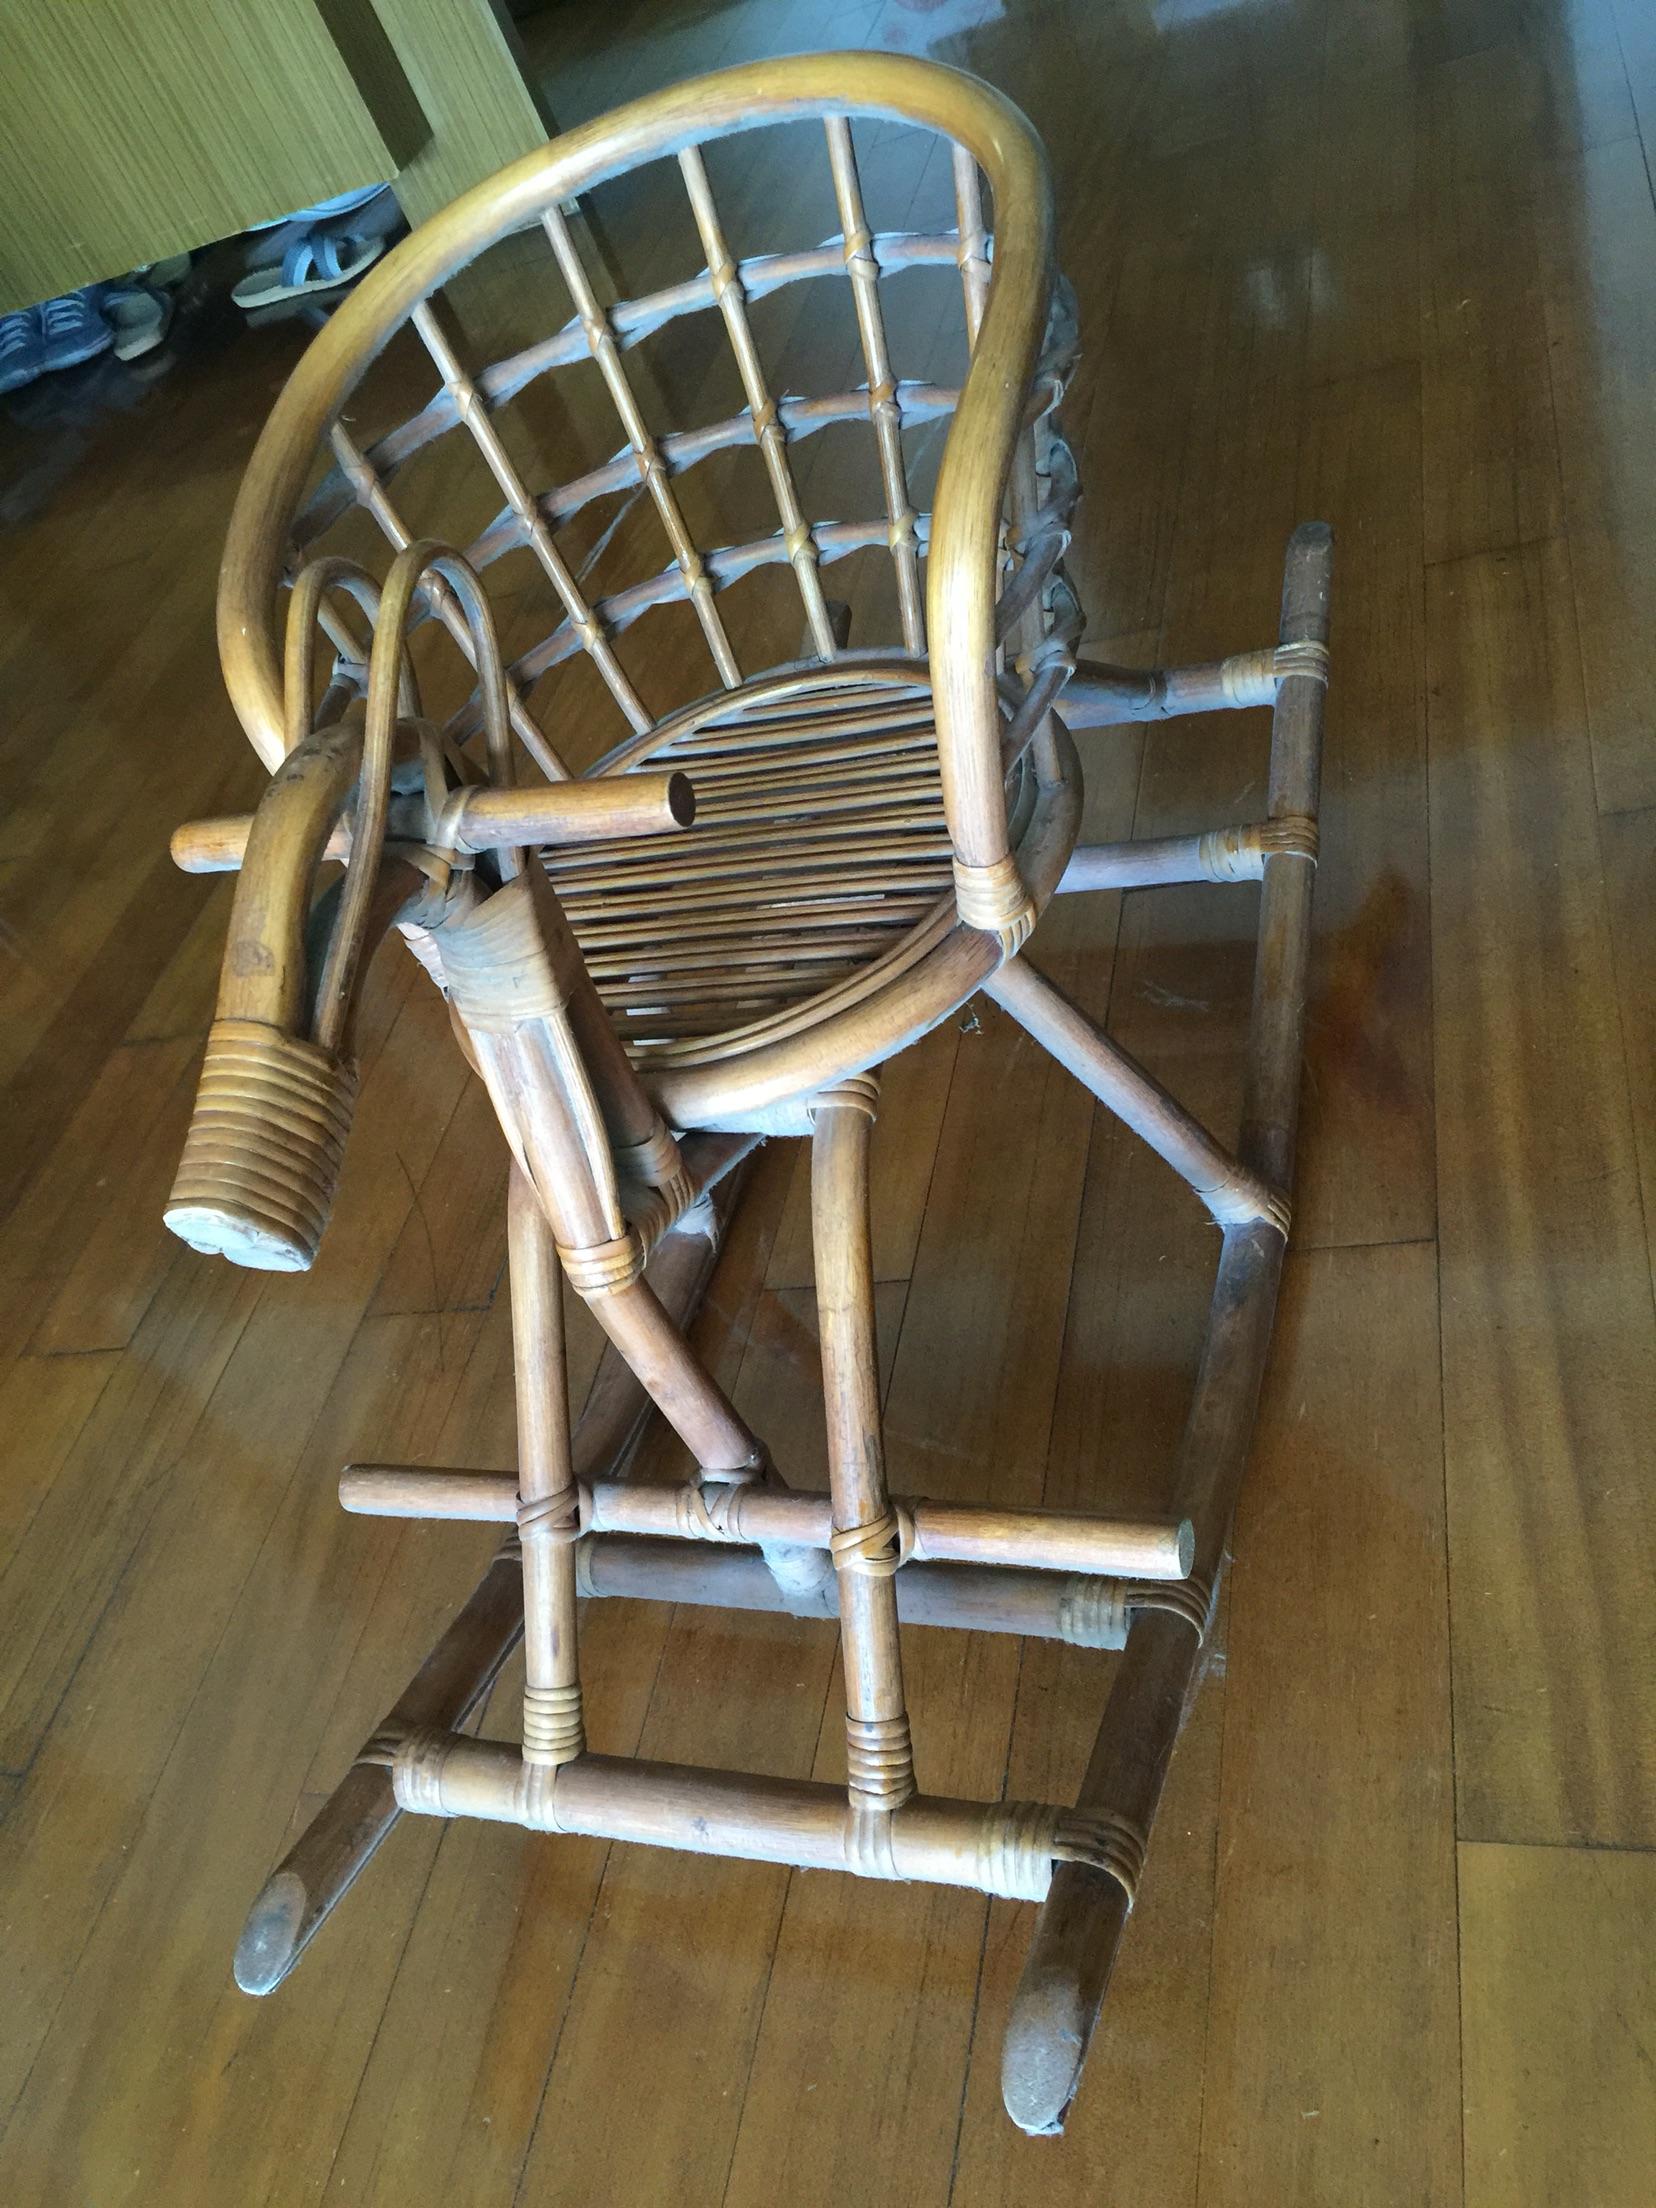 藤制小椅子_藤制沙发的优缺点_一次性筷子制作小椅子图片